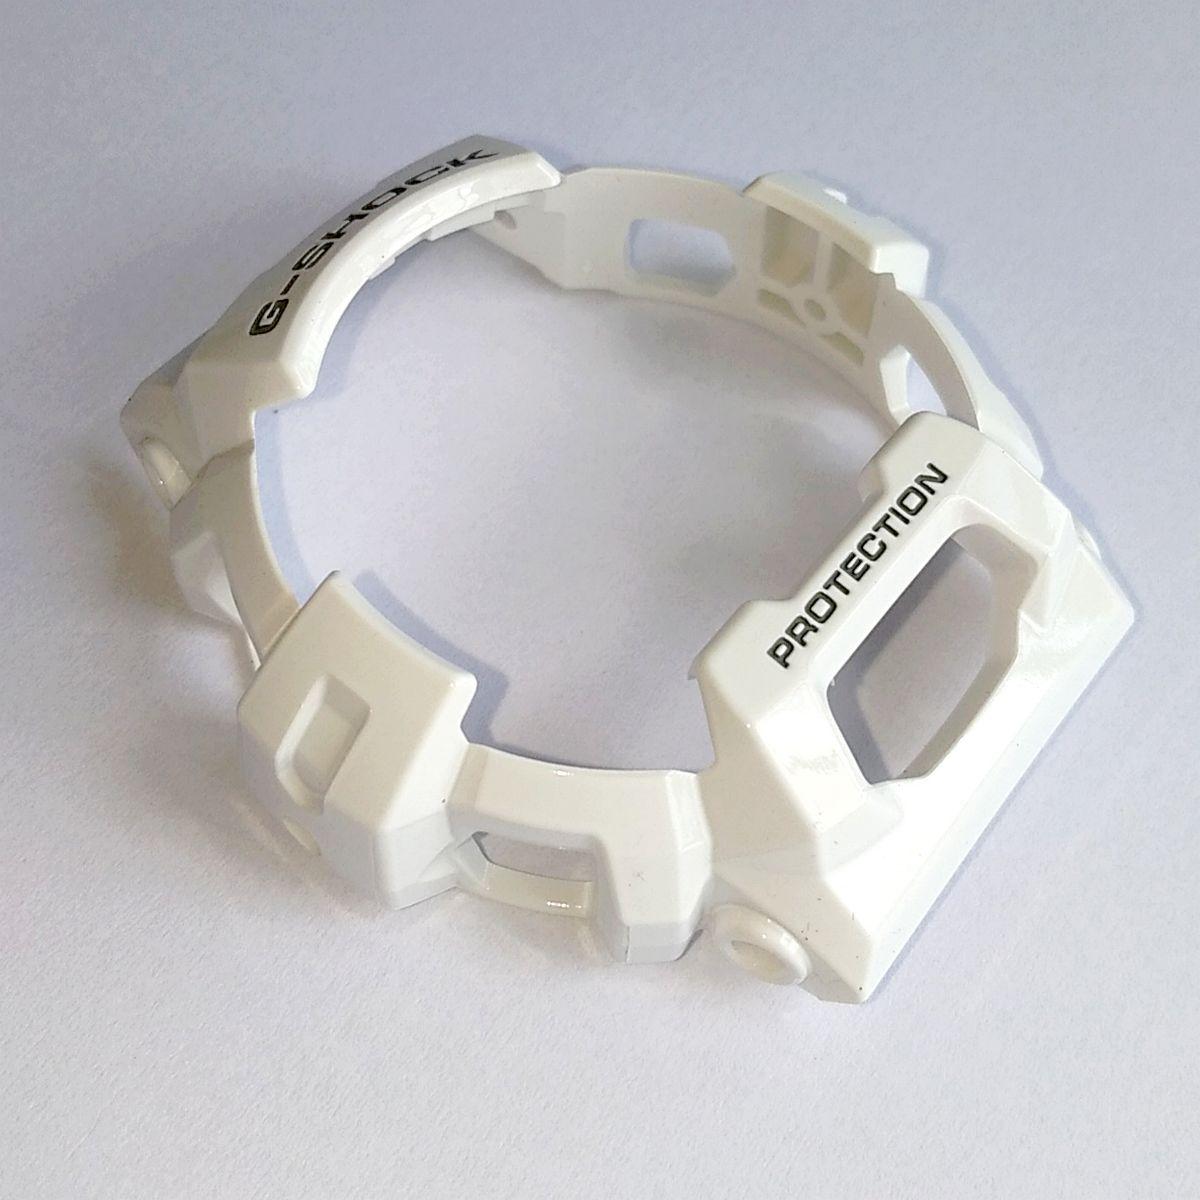 Bezel Capa G-8900A-1 Casio G-Shock Branco Verniz  - E-Presentes